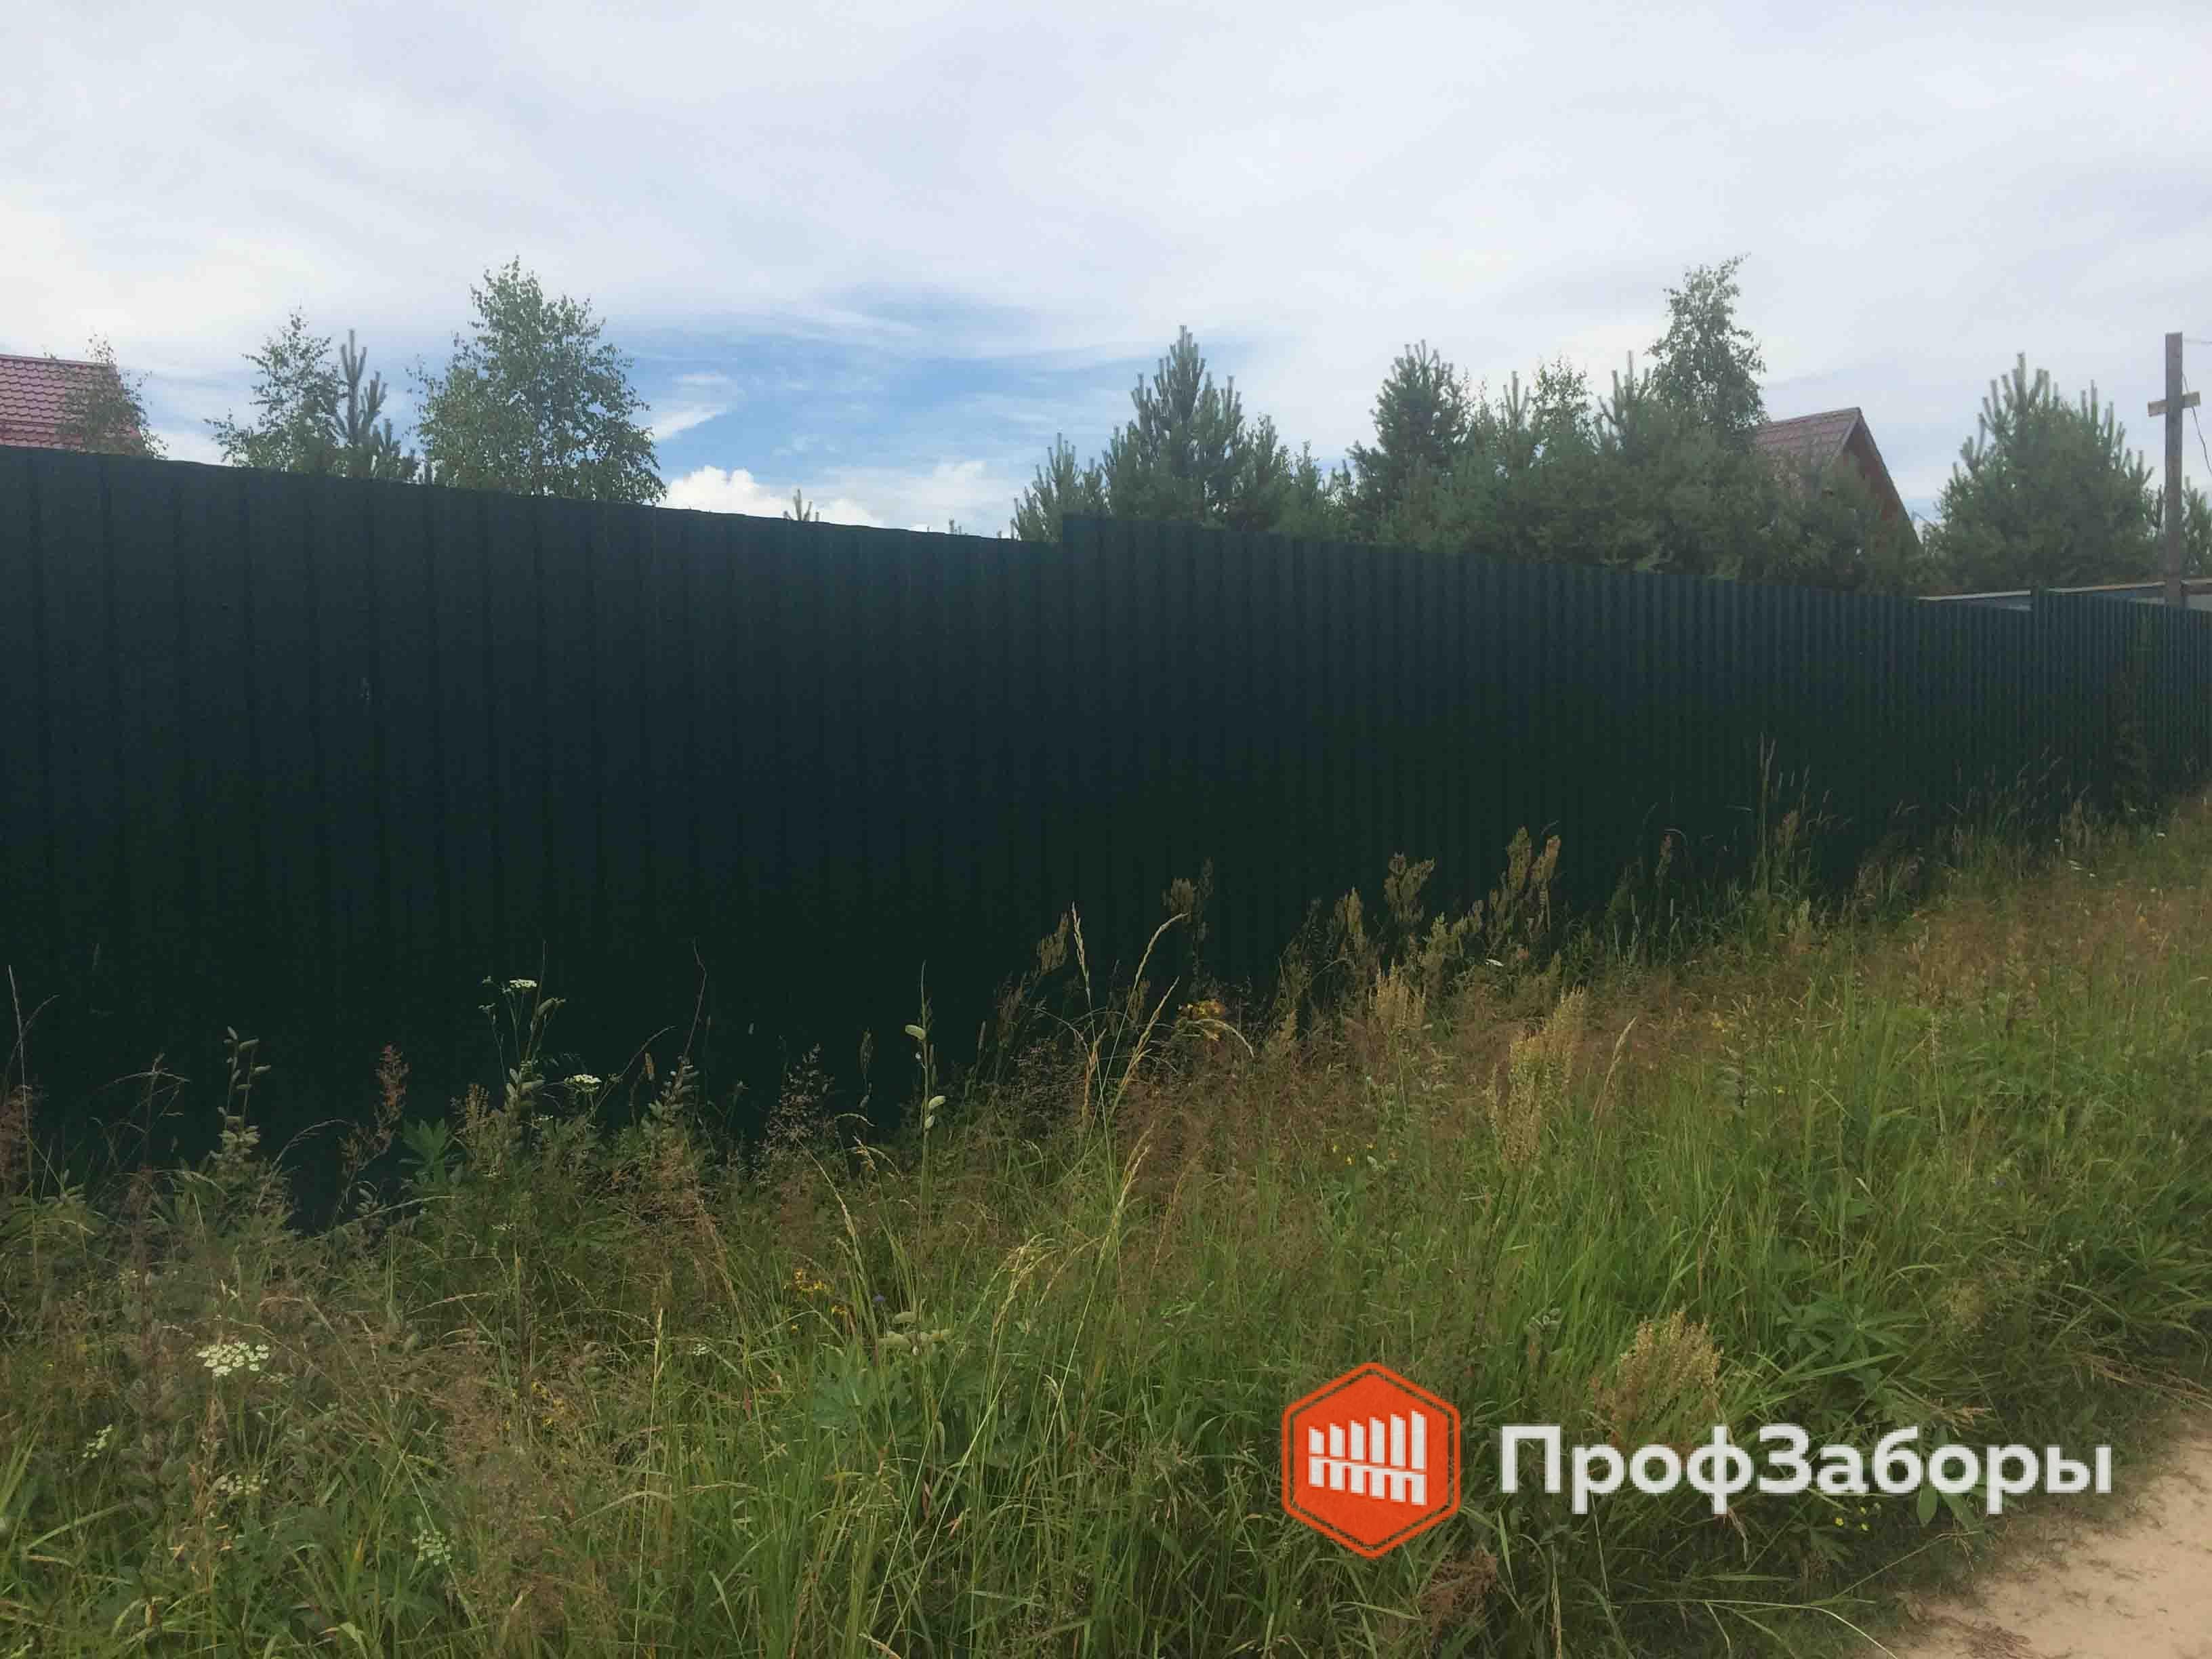 Заборы Из профнастила  - Городской округ Черноголовка. Фото 2